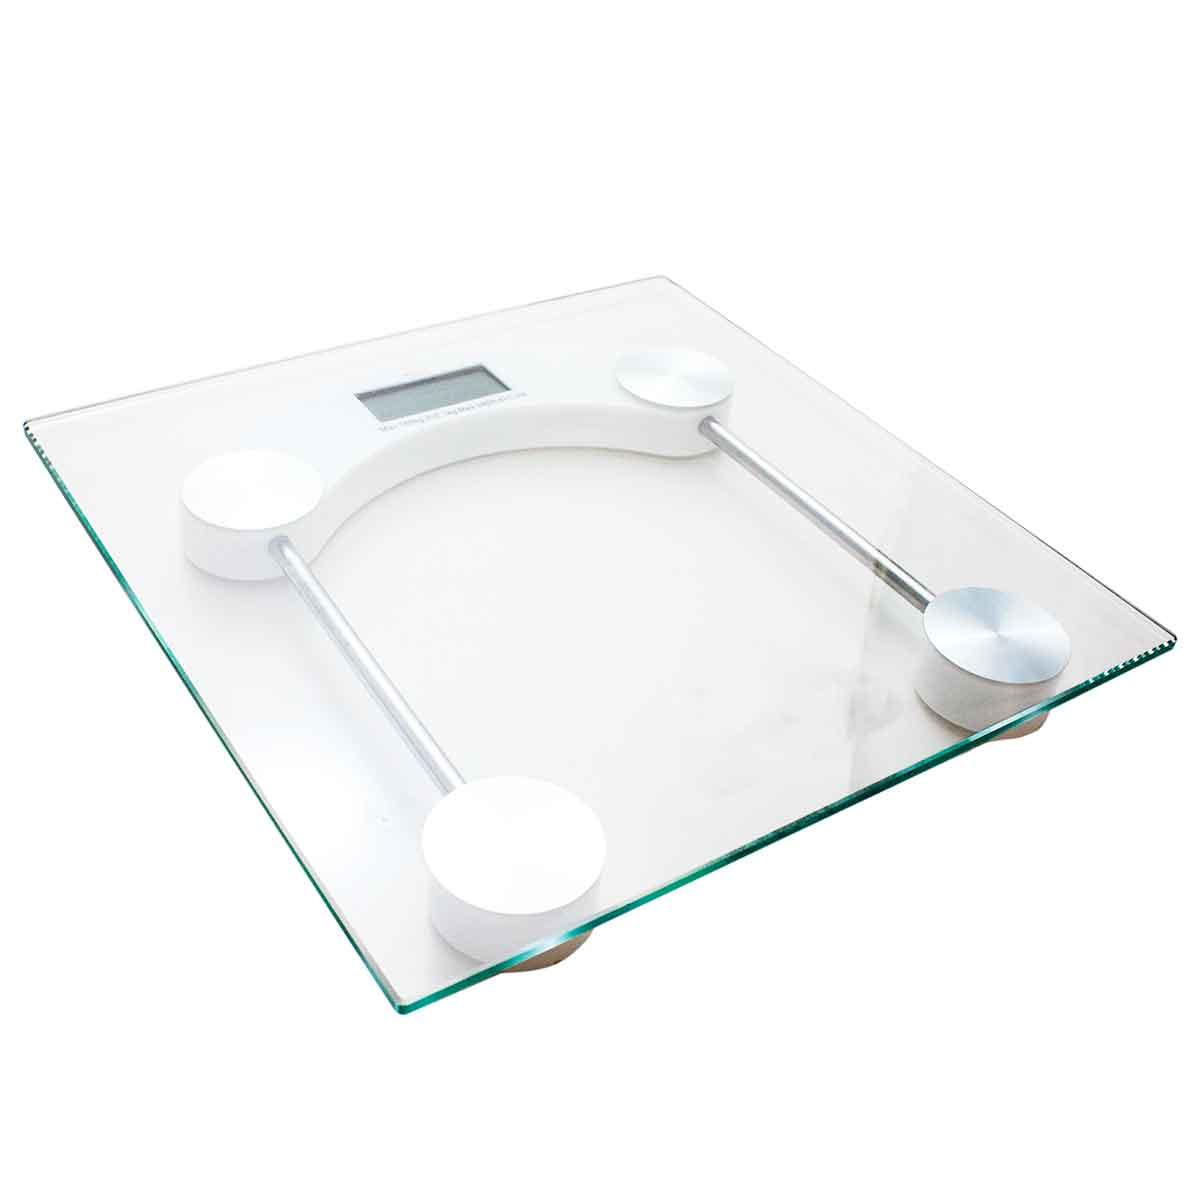 Balança Digital Quadrada Vidro Temperado Academia Banheiros